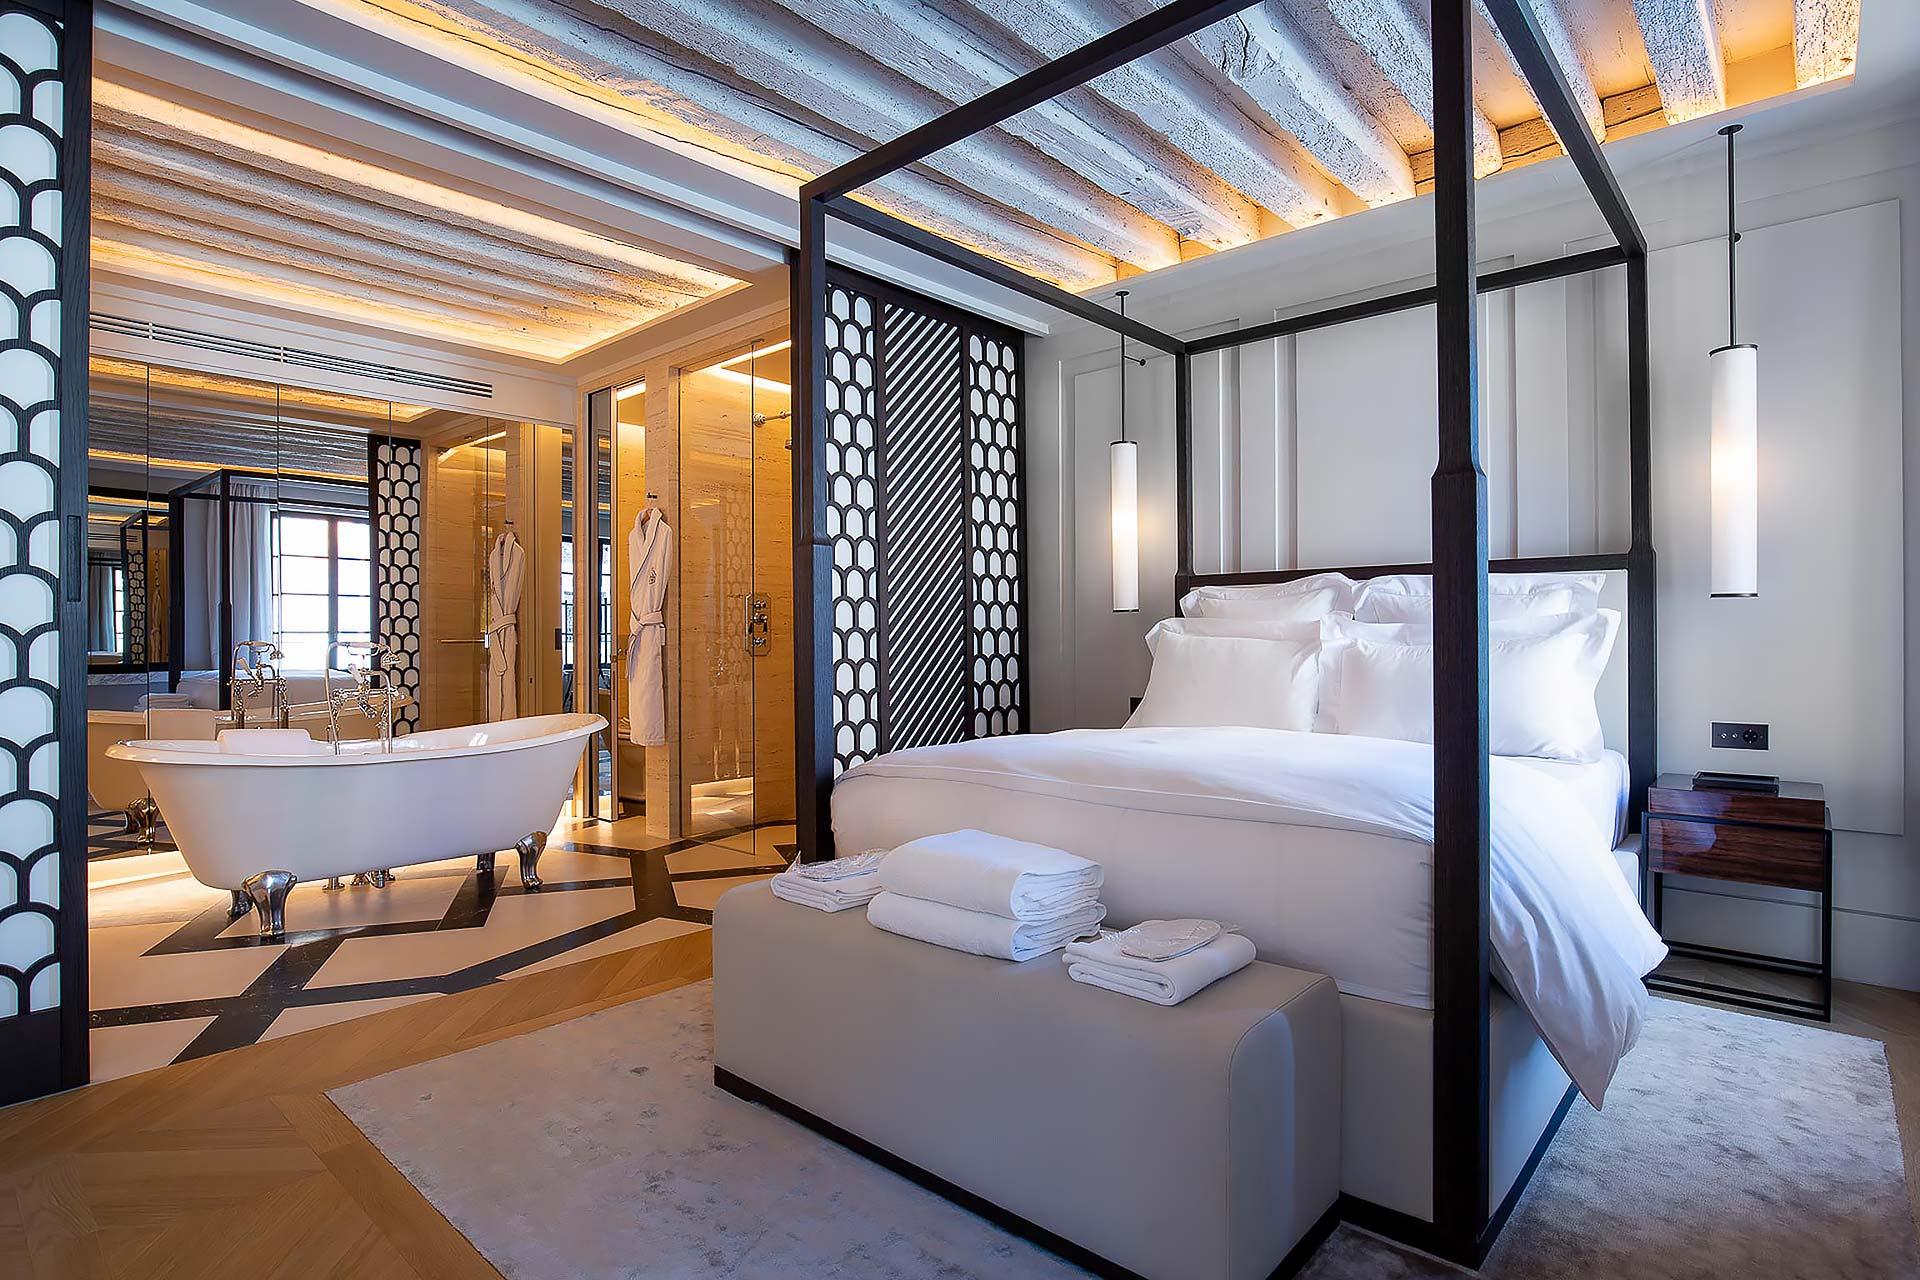 fotografo-Venezia-camera-letto-bagno